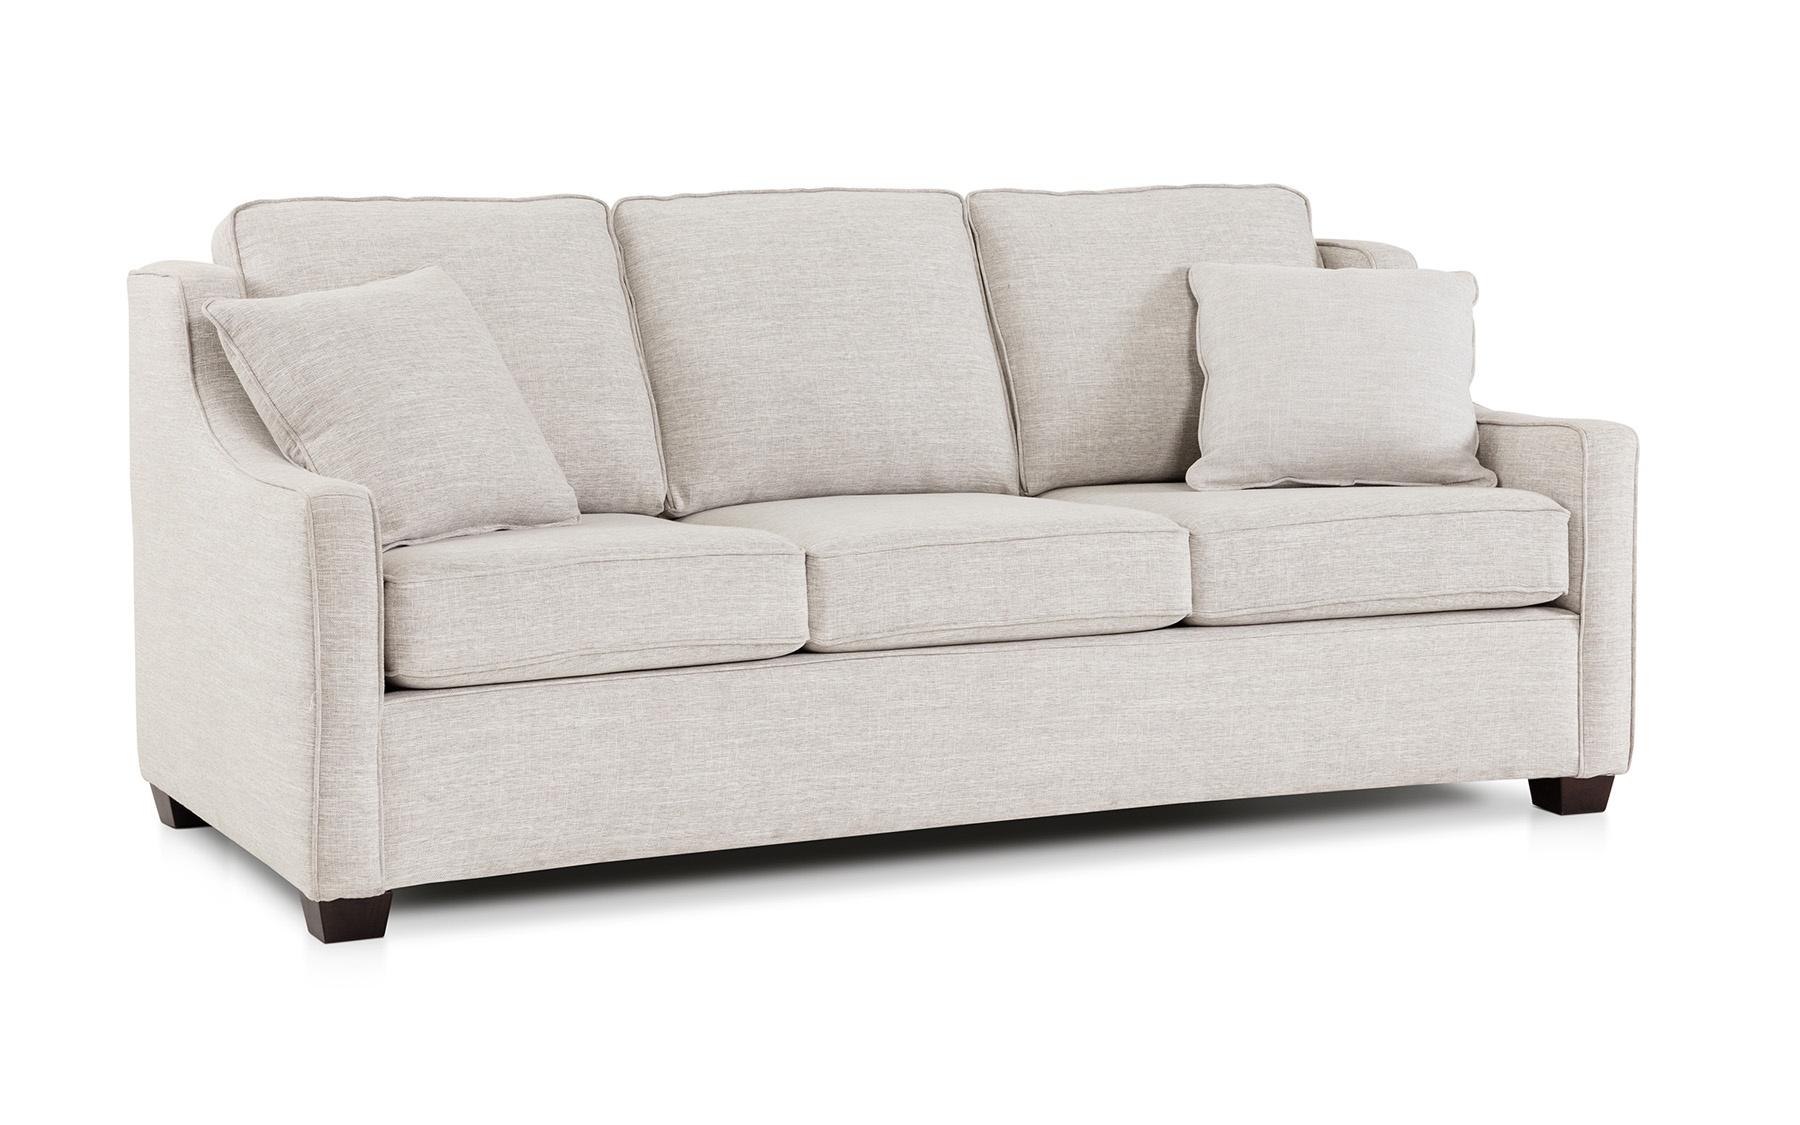 Causeuse t783 causeuses salons la galerie du meuble for Gallerie du meuble